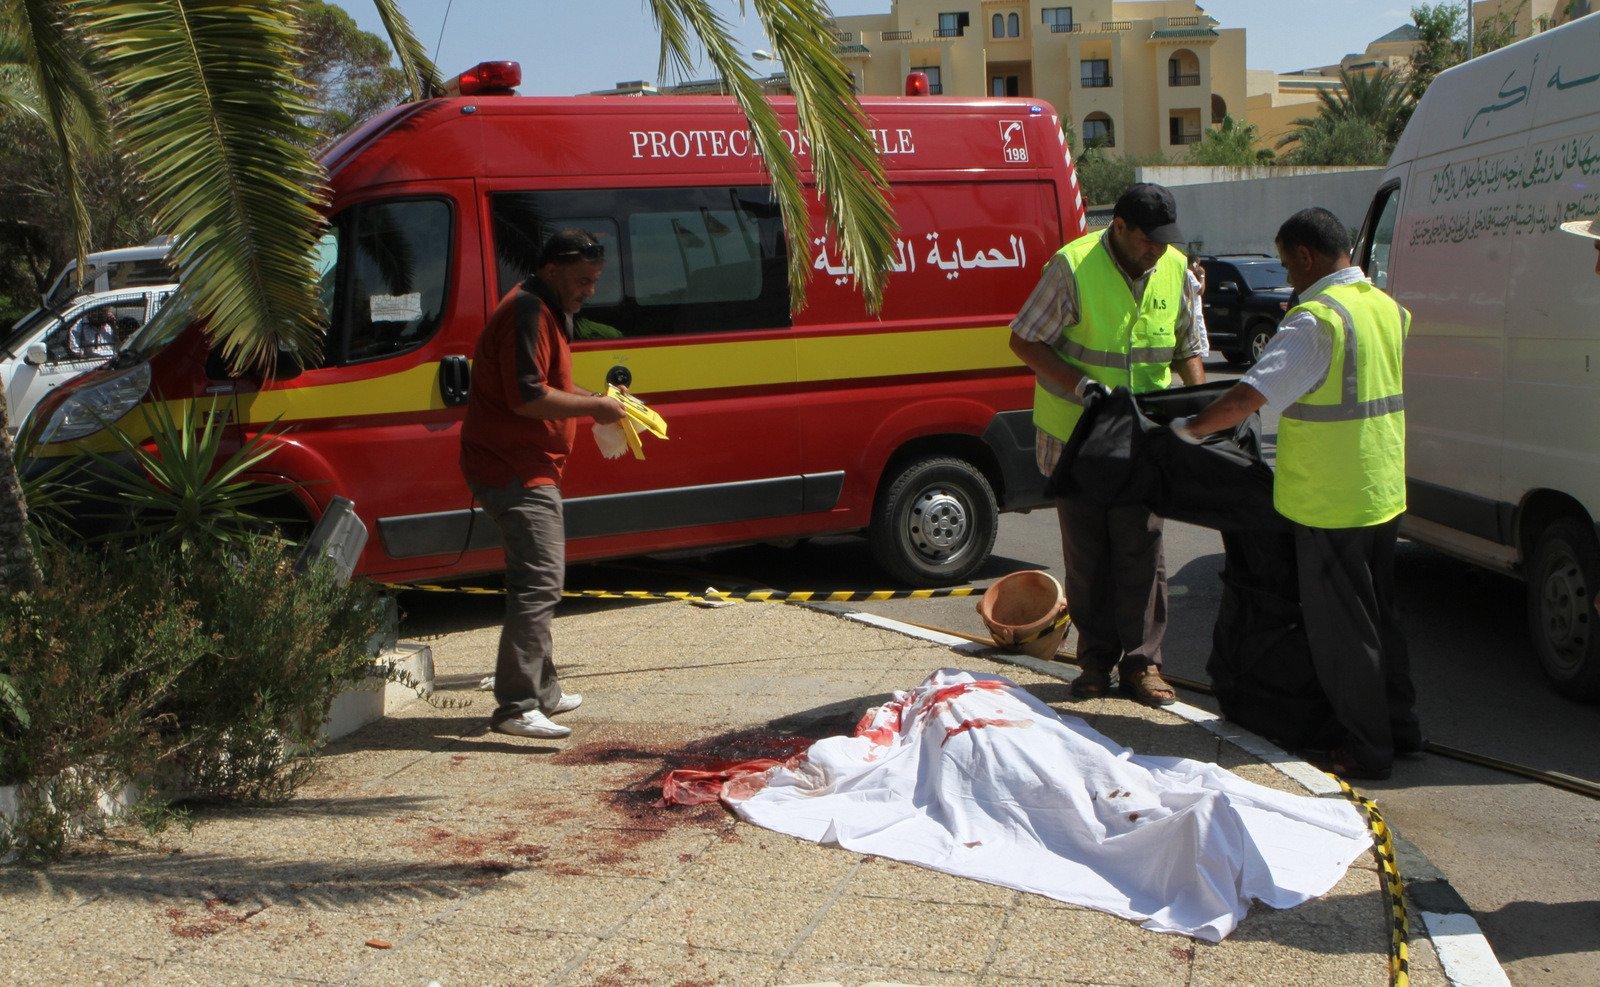 Жертва нападения на отели в Тунисе